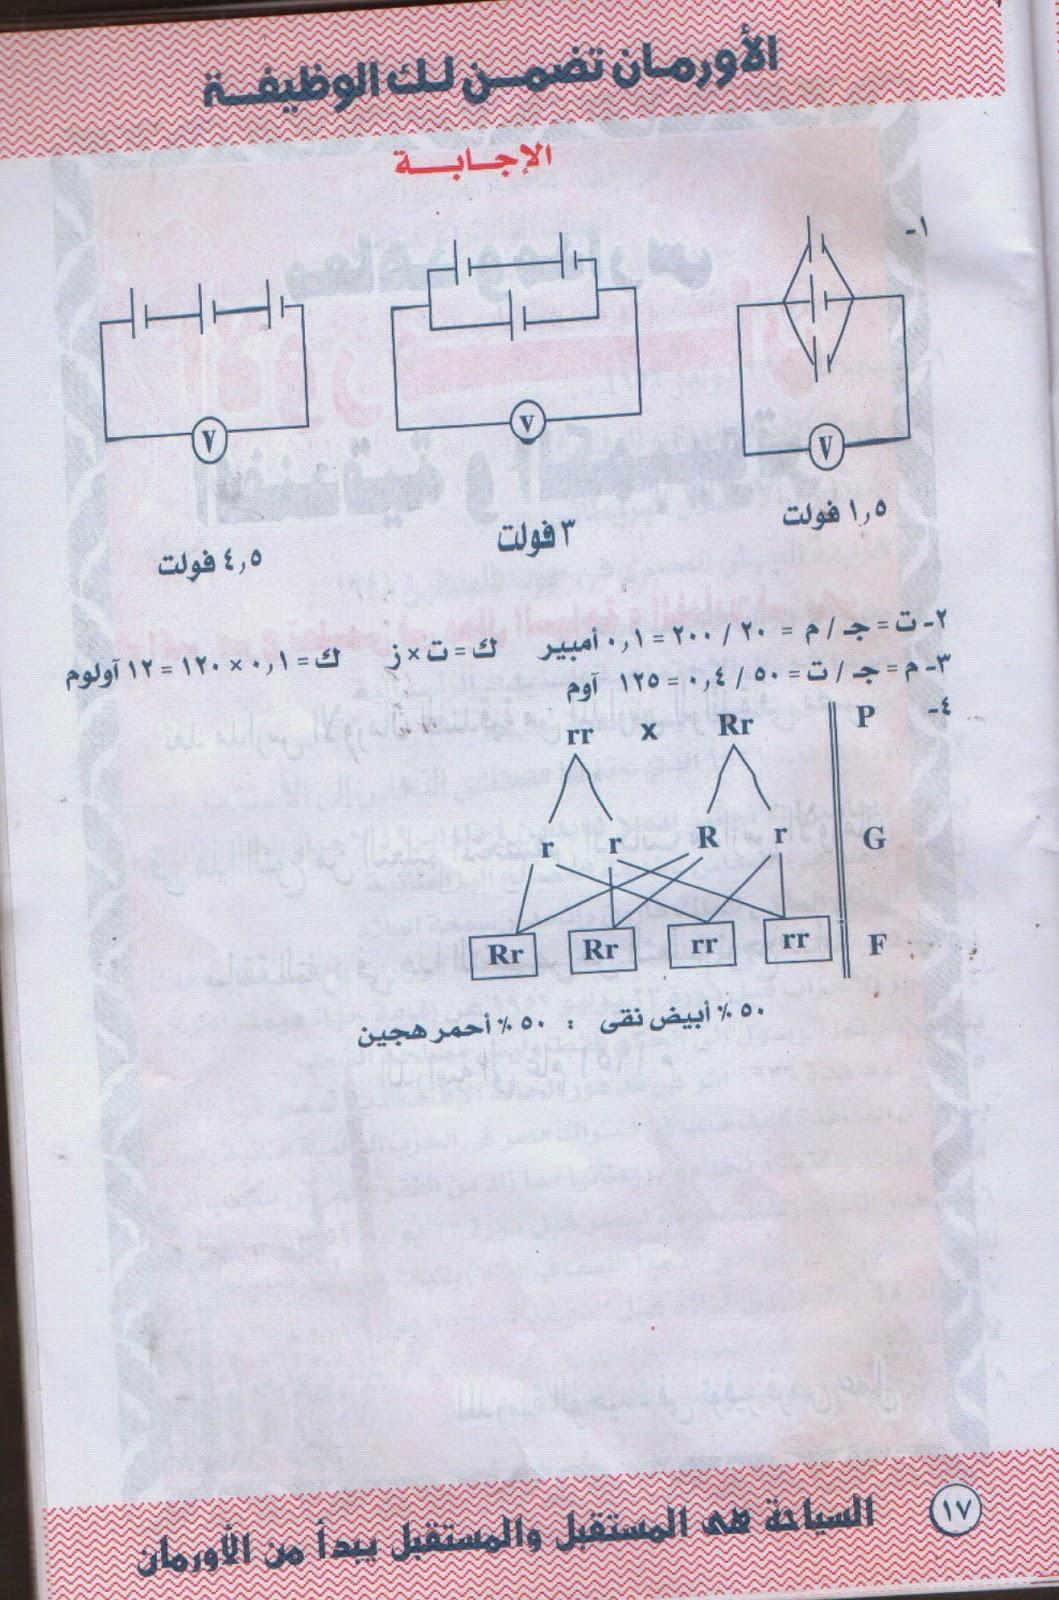 مراجعة علوم ترم 2 الثالث الإعدادى 6.jpg